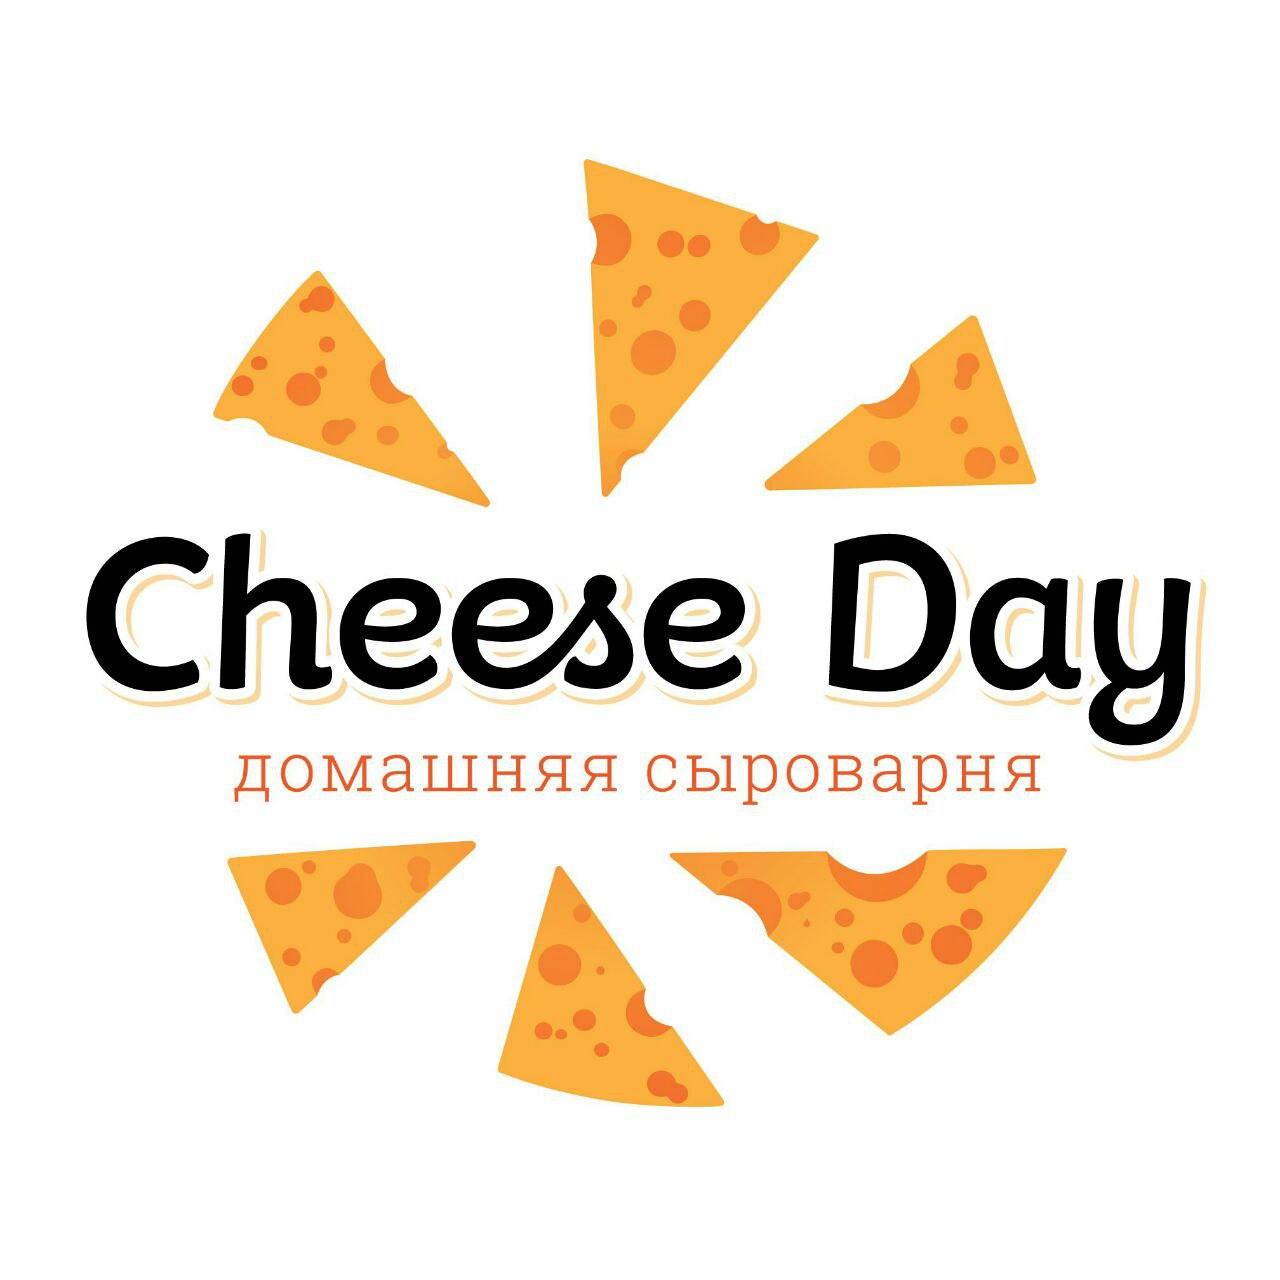 Сырный день каждый день